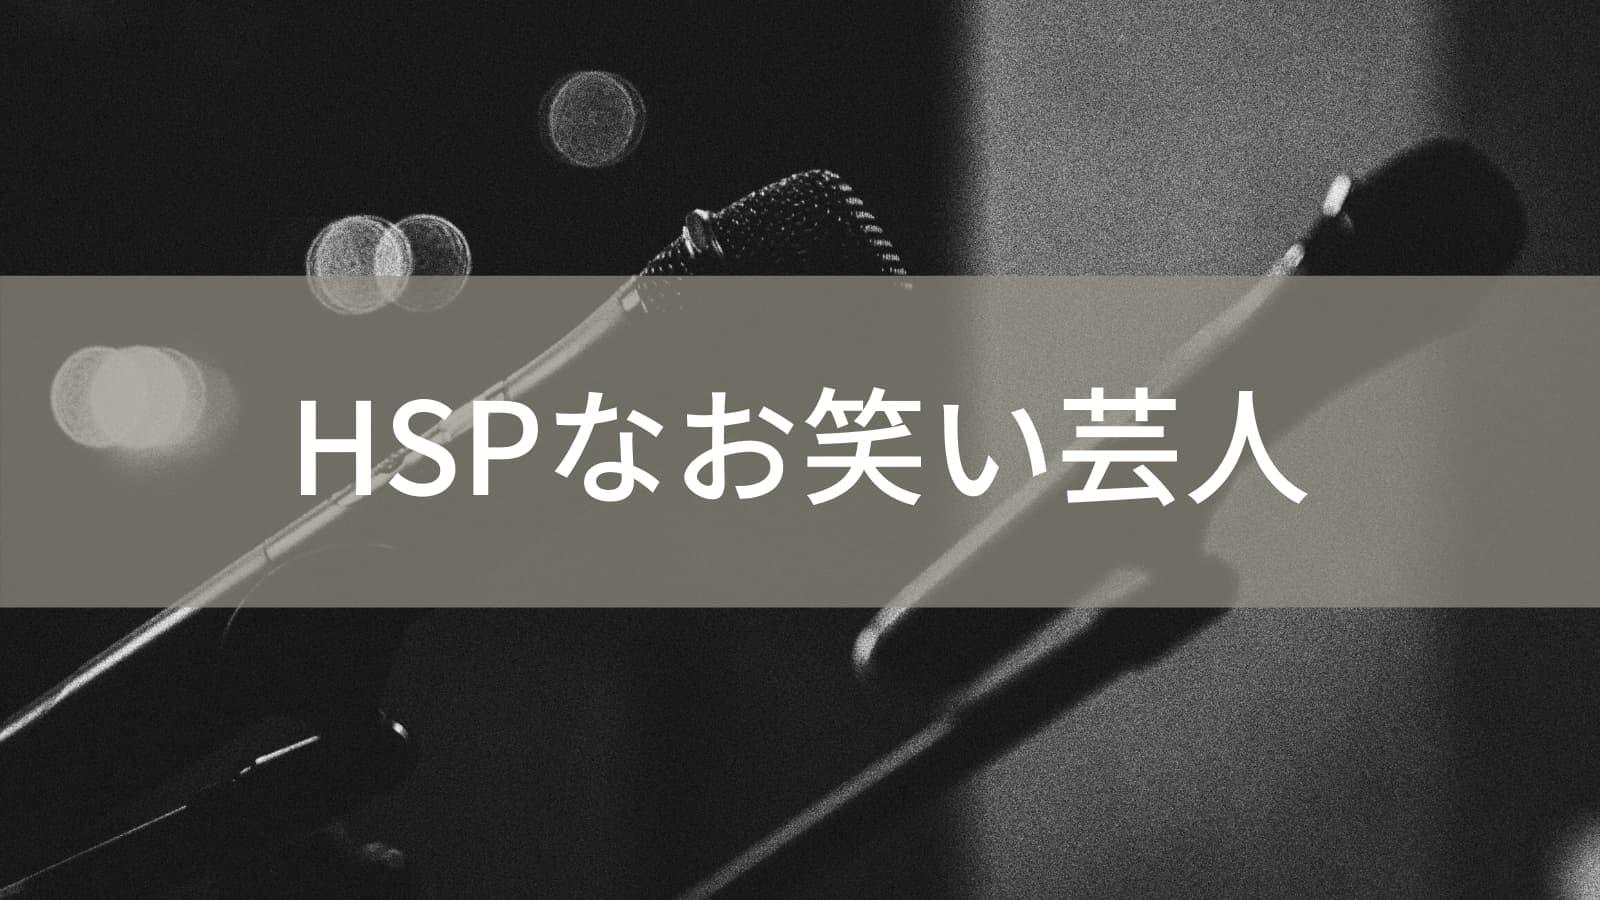 淳 hsp ロンブー 【繊細さん・HSP】 相手の力を信じると自分の本音に向かっていける やまだ note